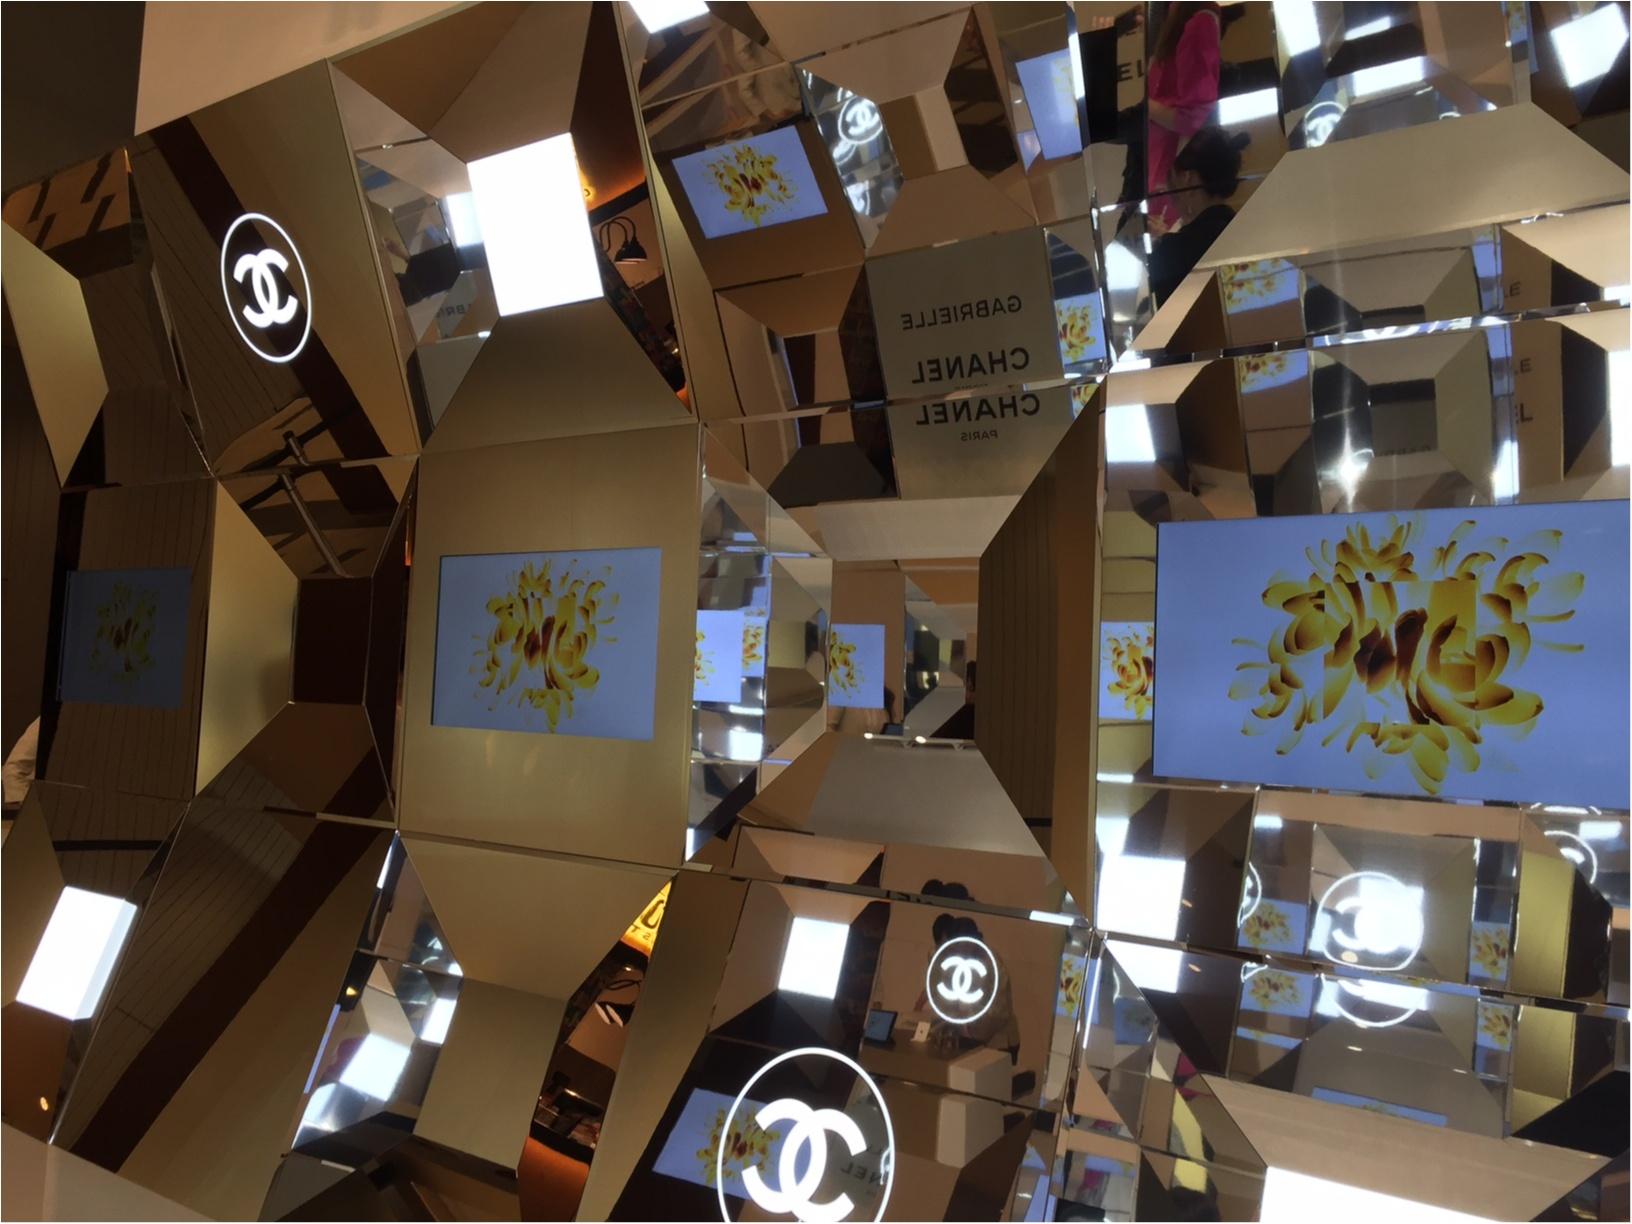 「ガブリエル シャネル」の香りを体感できるイベントスペースが、東京ミッドタウンに登場! SNS映え間違いなしの、美しすぎる空間をご覧あれ♡_1_5